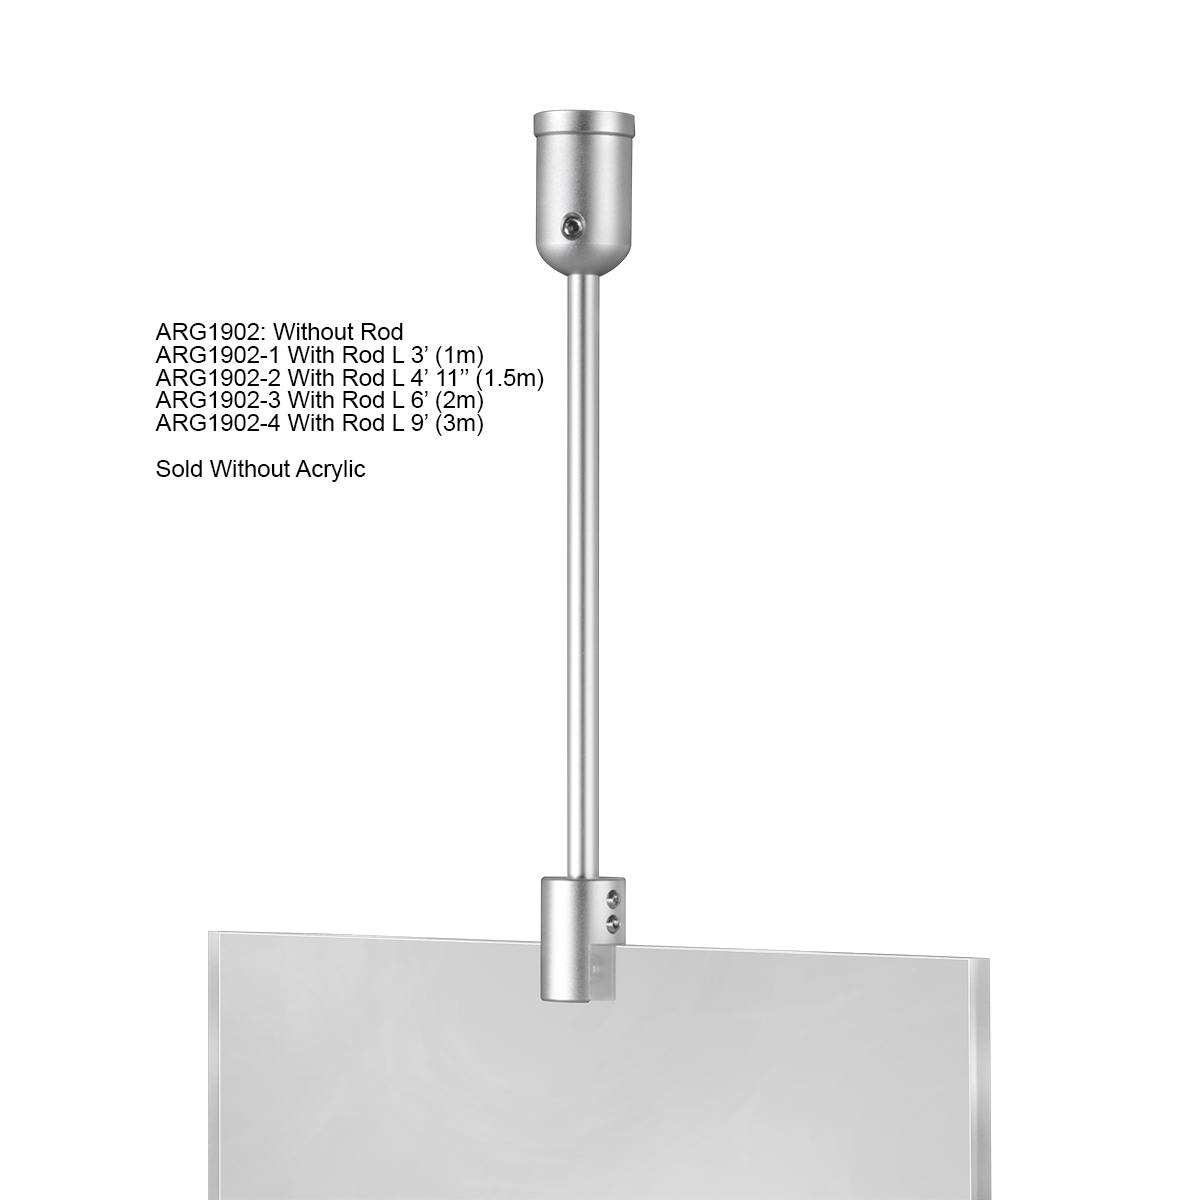 Ceiling Suspended Kit for Rod - Aluminum